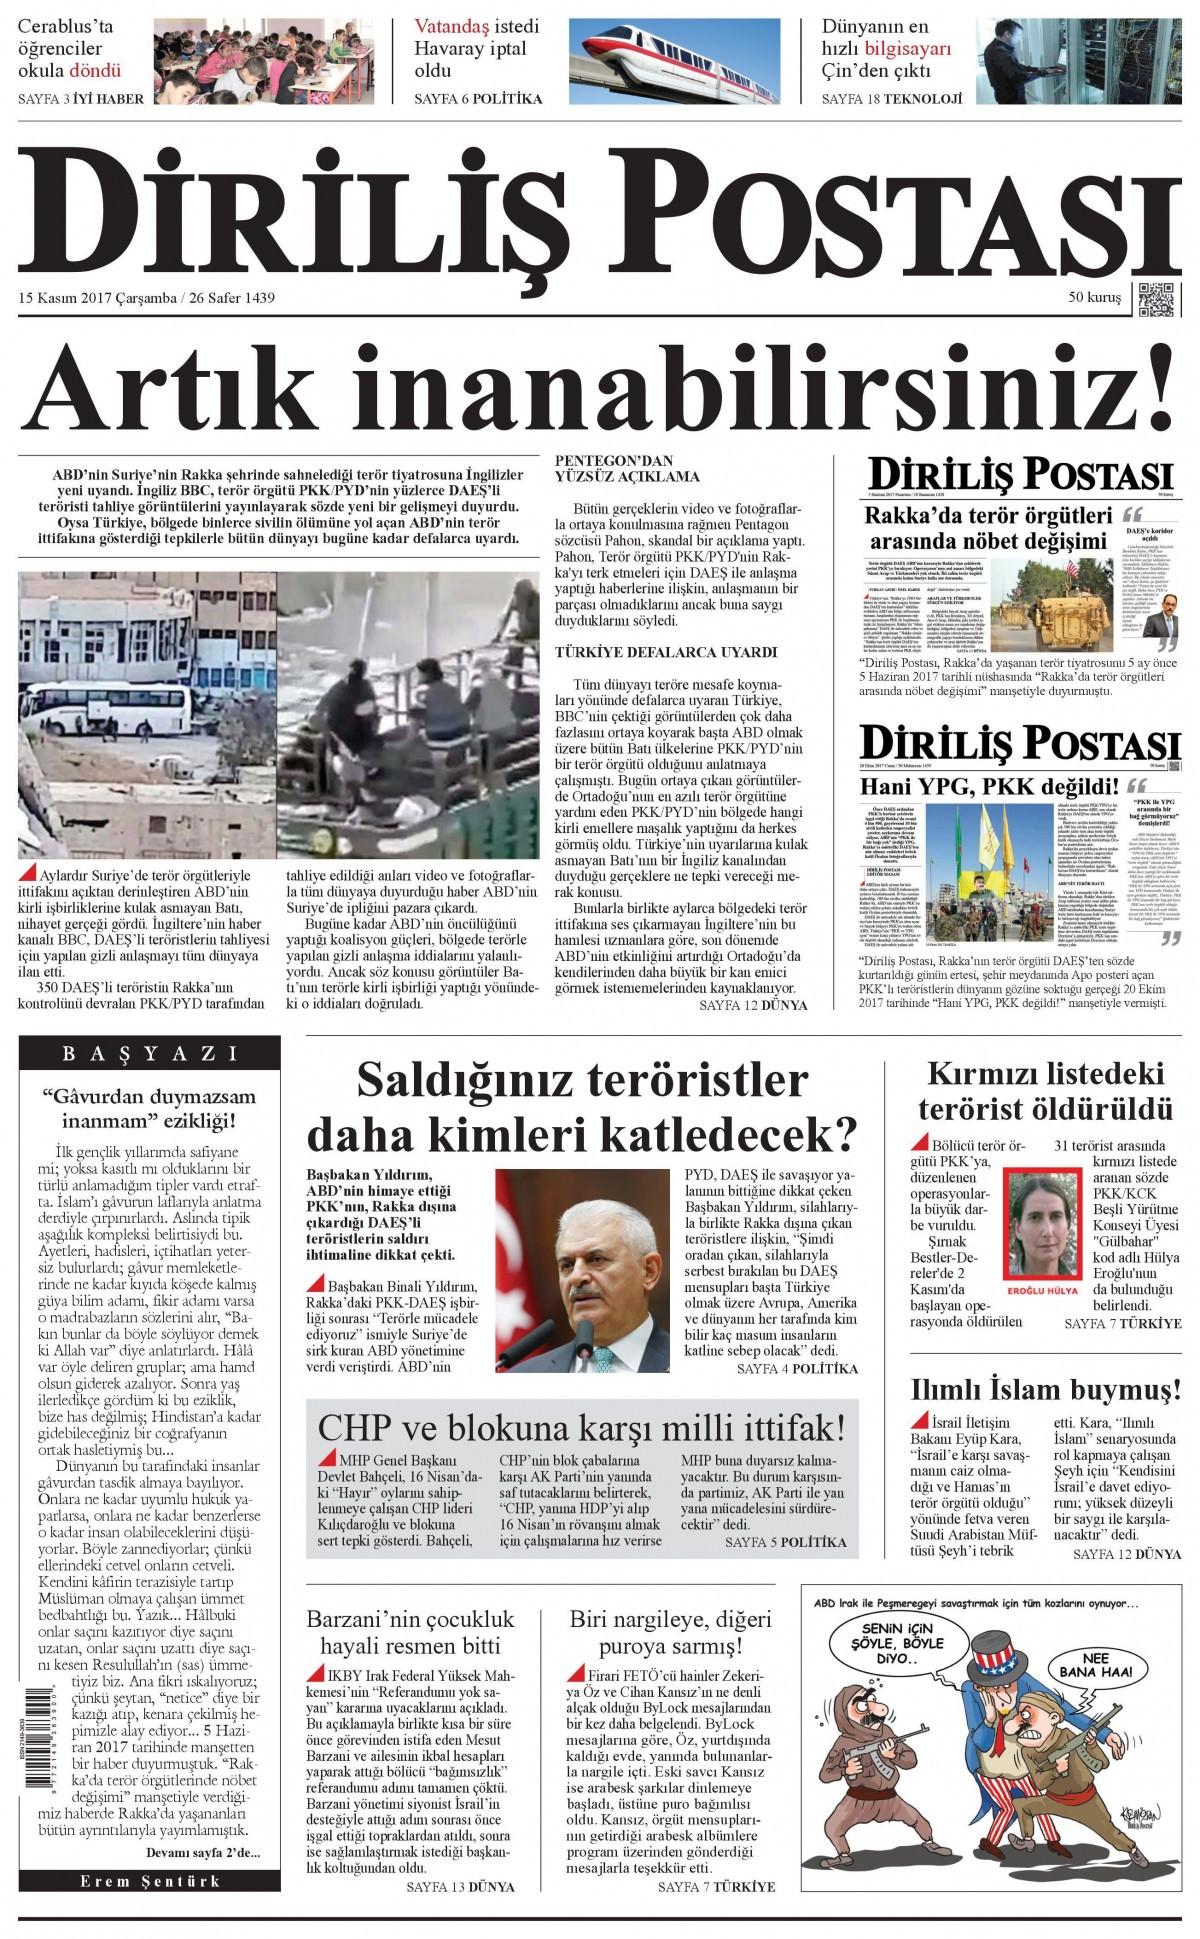 Günün gazete manşetleri (15 Kasım 2017) 19